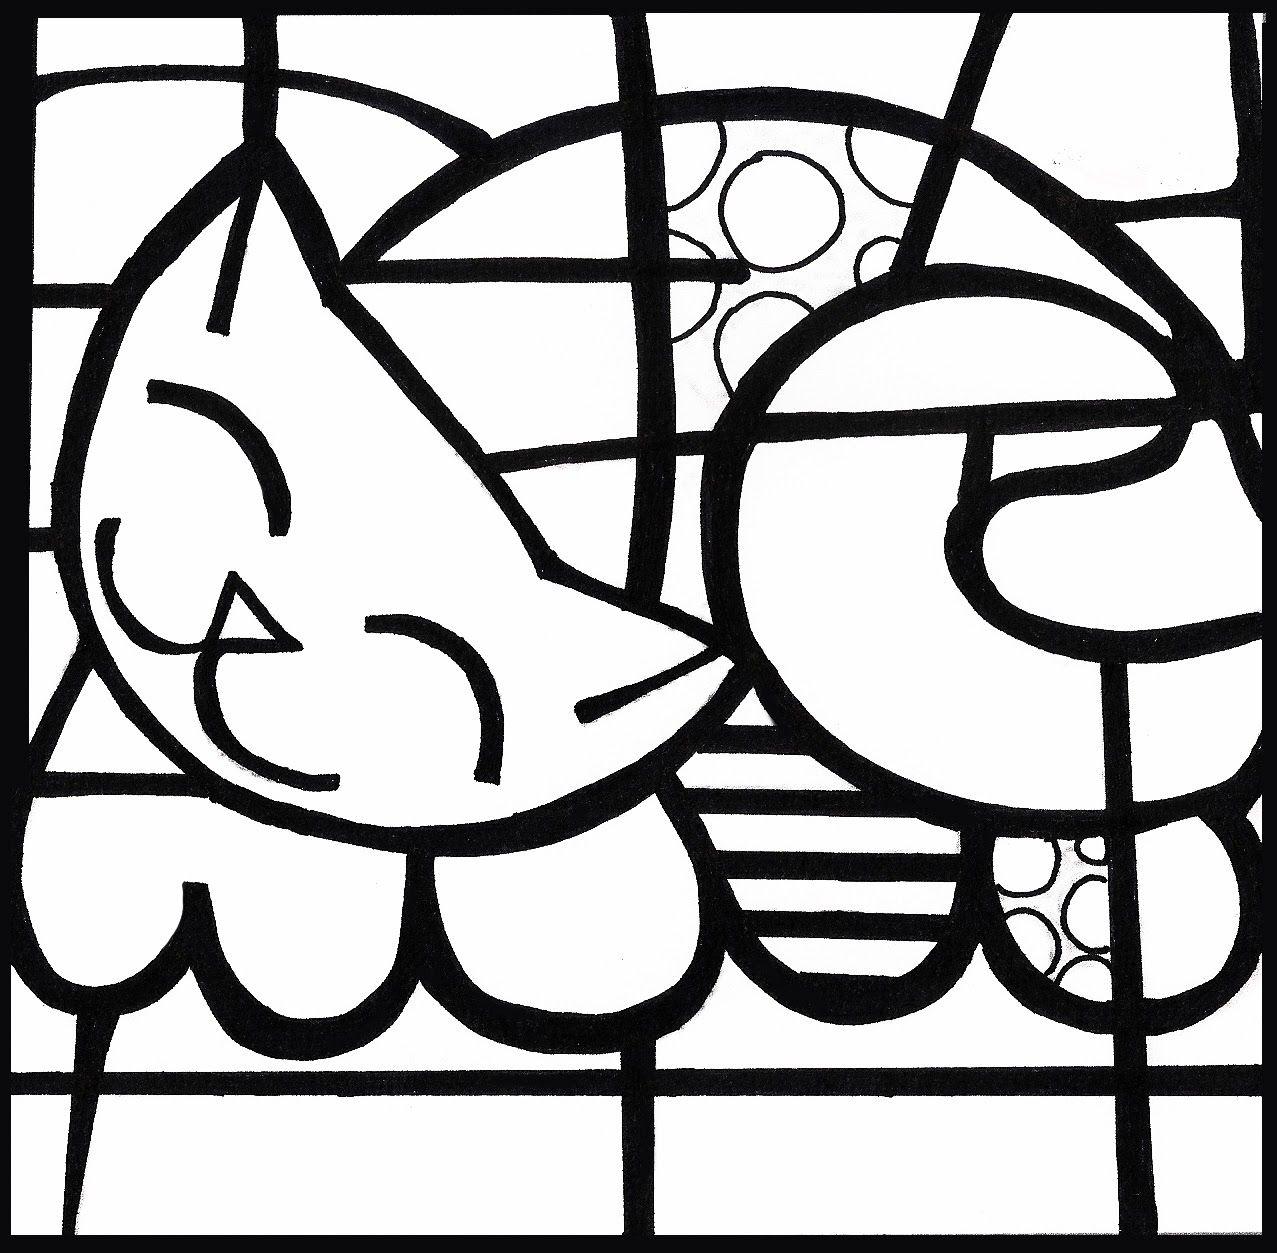 Desenhos De Romero Brito Para Colorir Desenhos Para Colorir E Imprimir Obras De Romero Britto Romero Britto Projetos De Arte Infantil